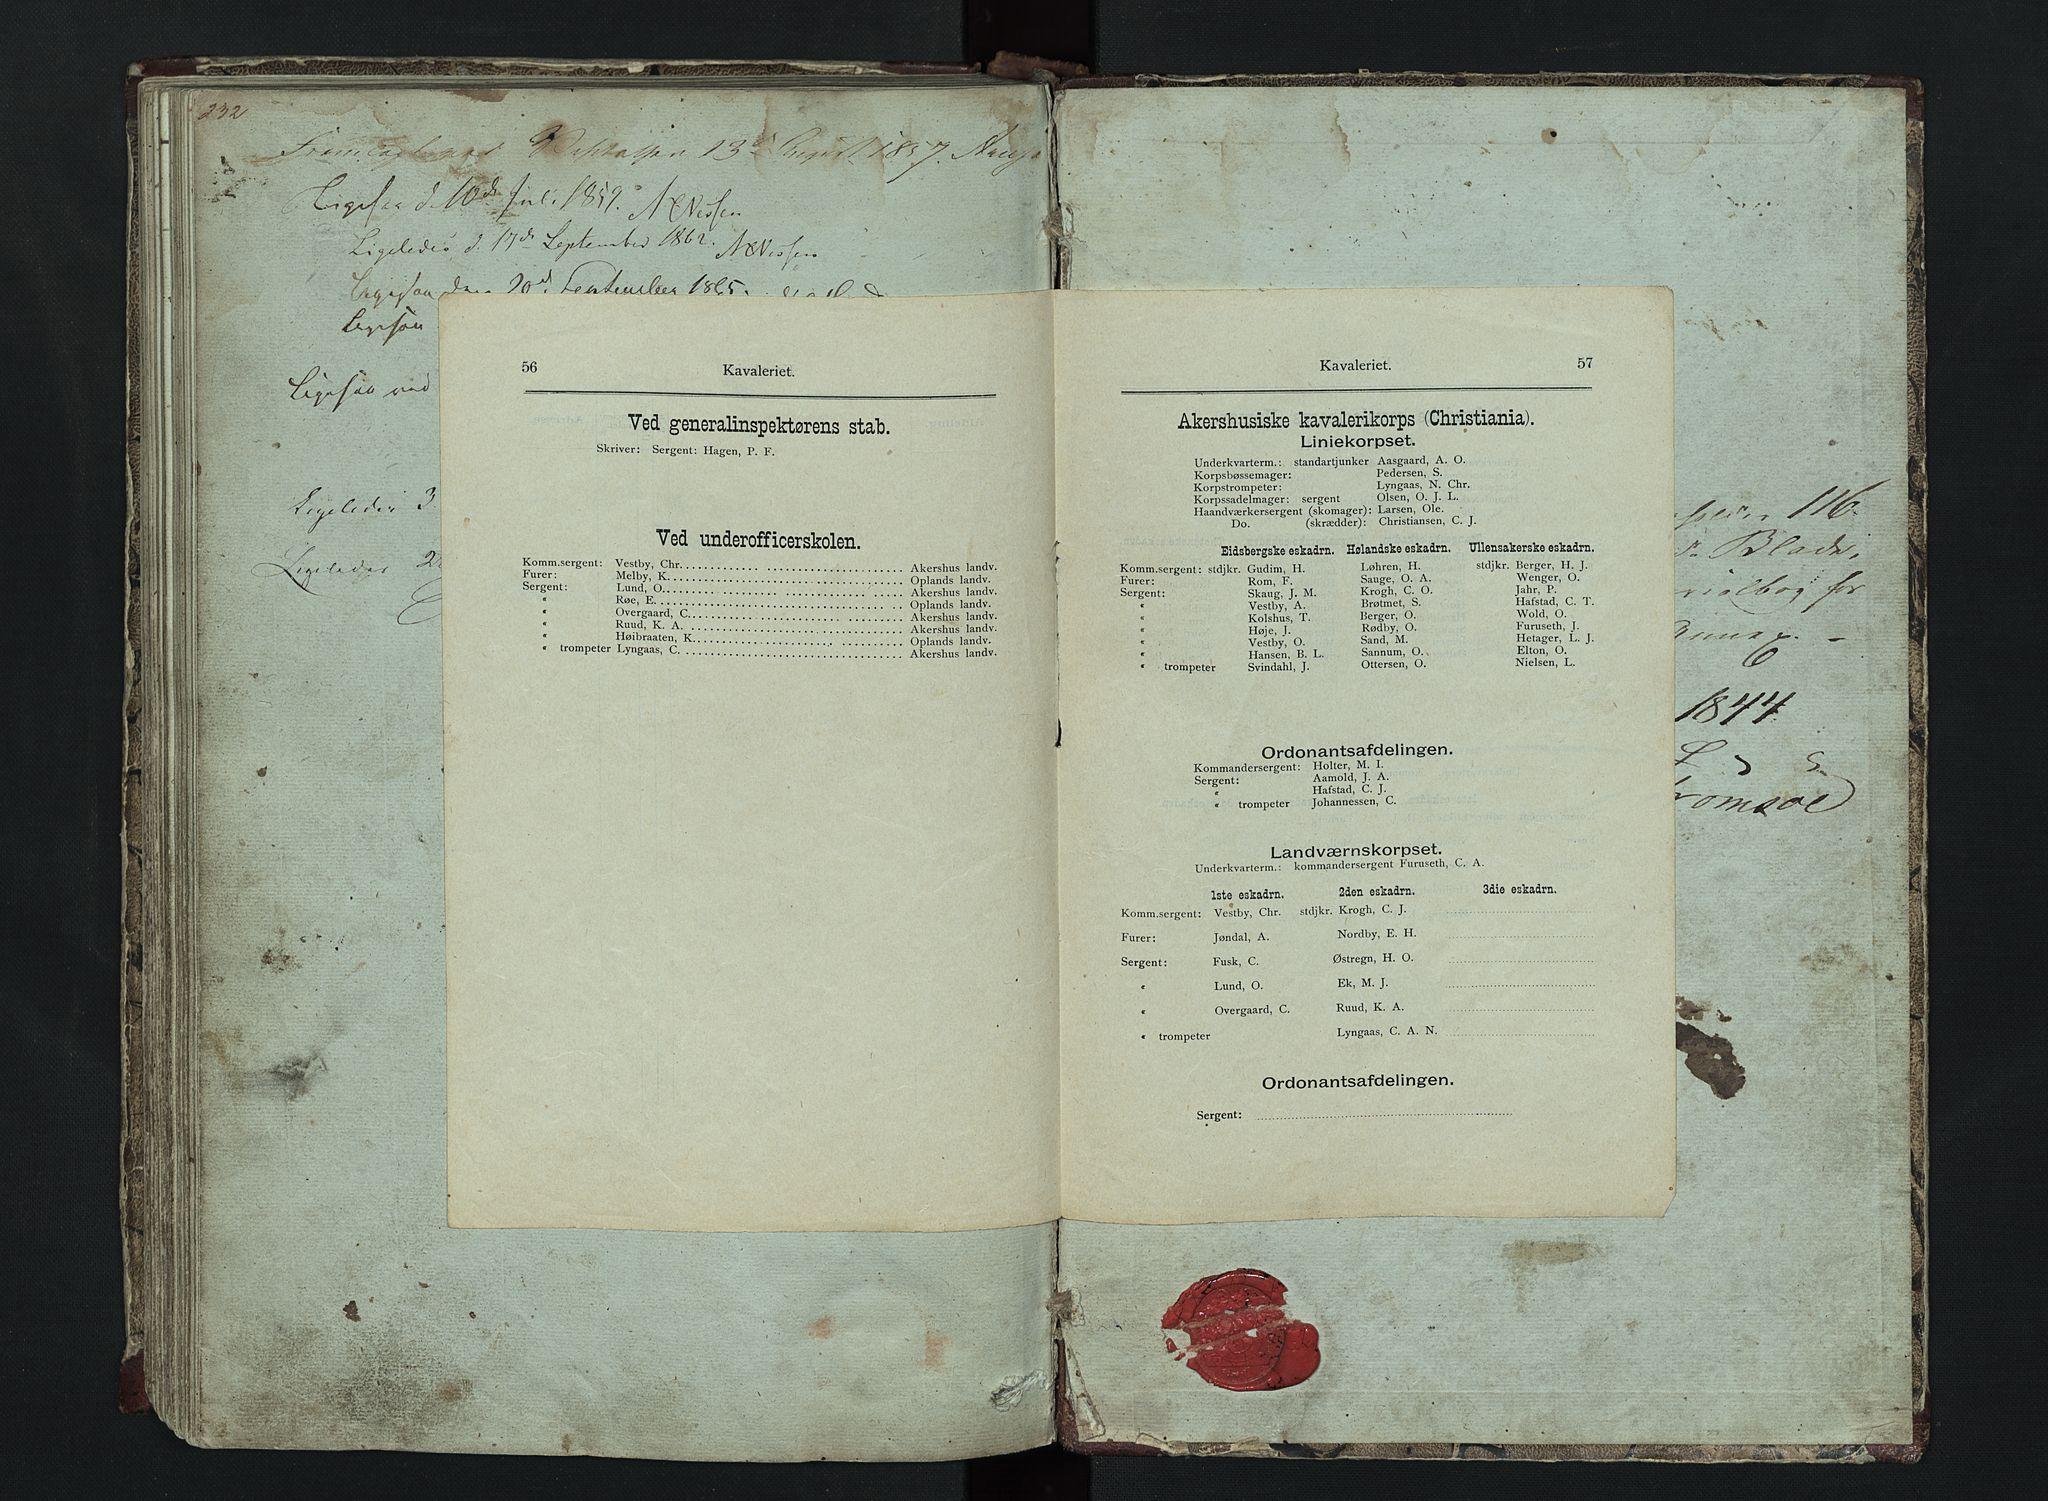 SAH, Lom prestekontor, L/L0014: Klokkerbok nr. 14, 1845-1876